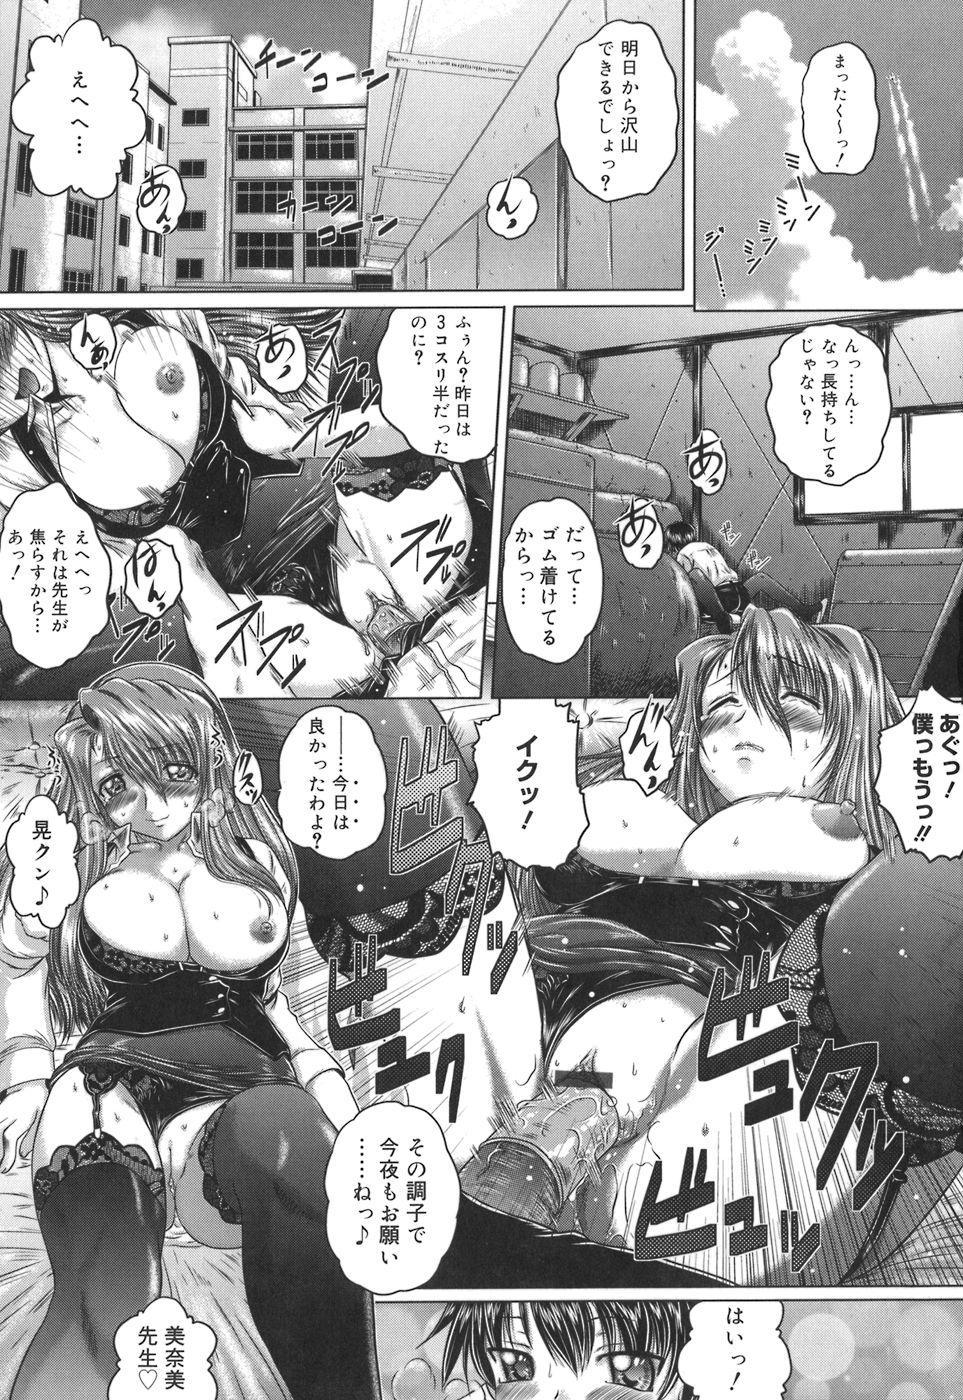 Iroka no Himitsu 6